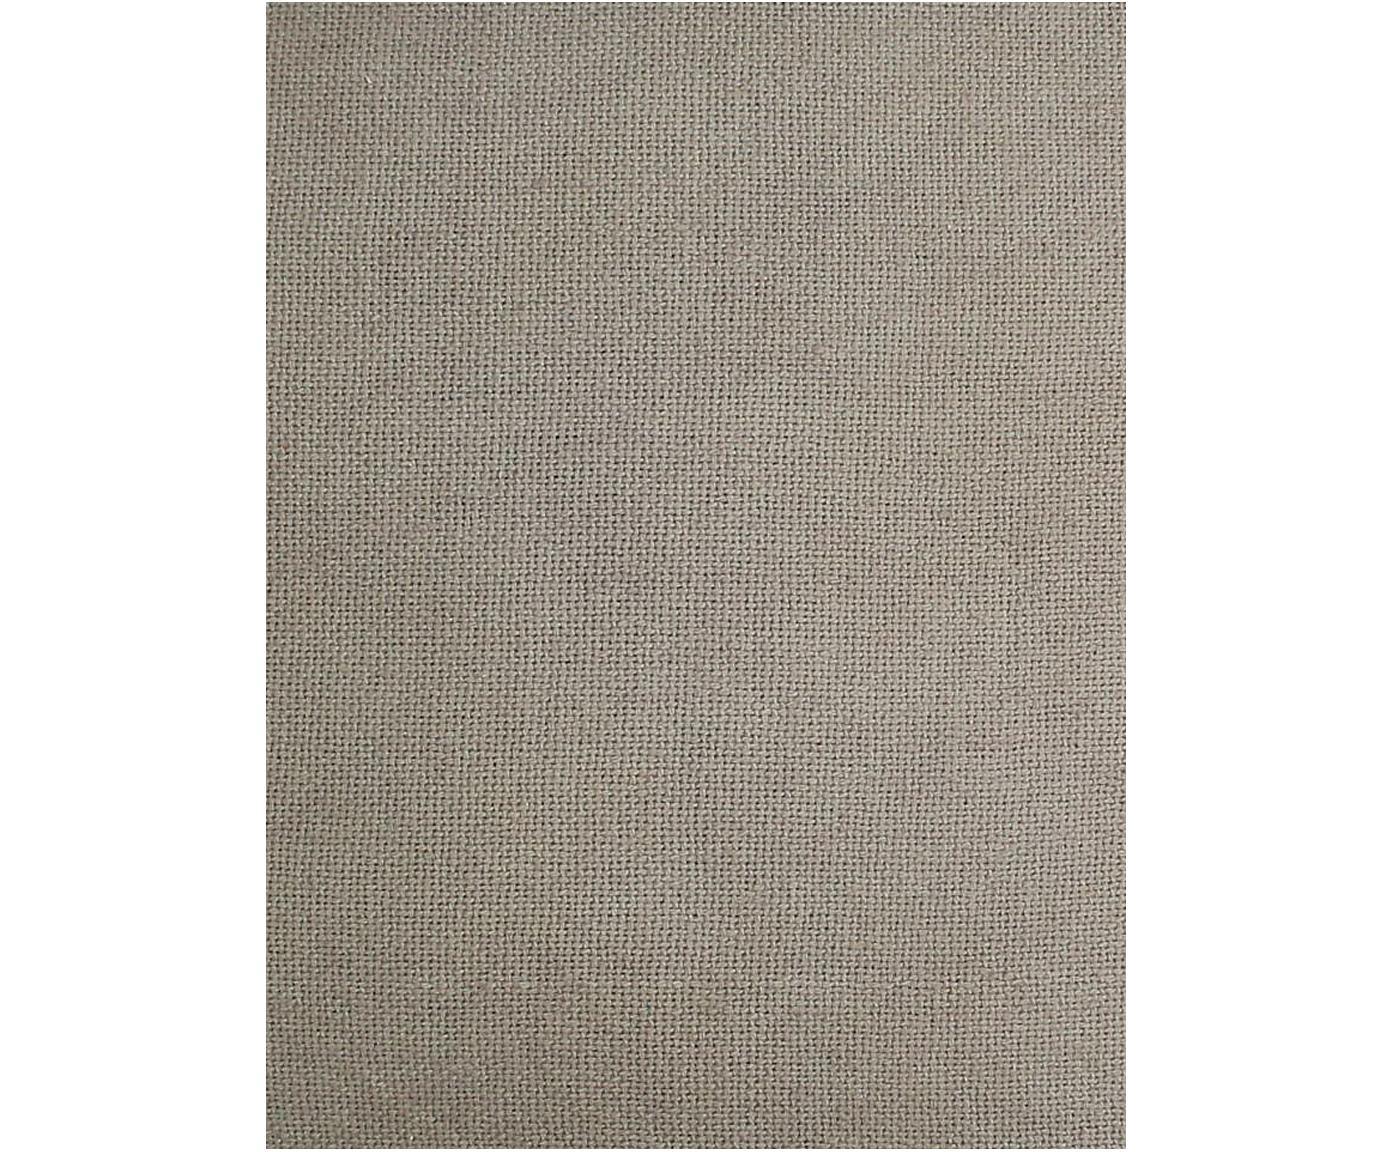 Kissen Betta mit Pompoms, mit Inlett, Grau, 45 x 45 cm